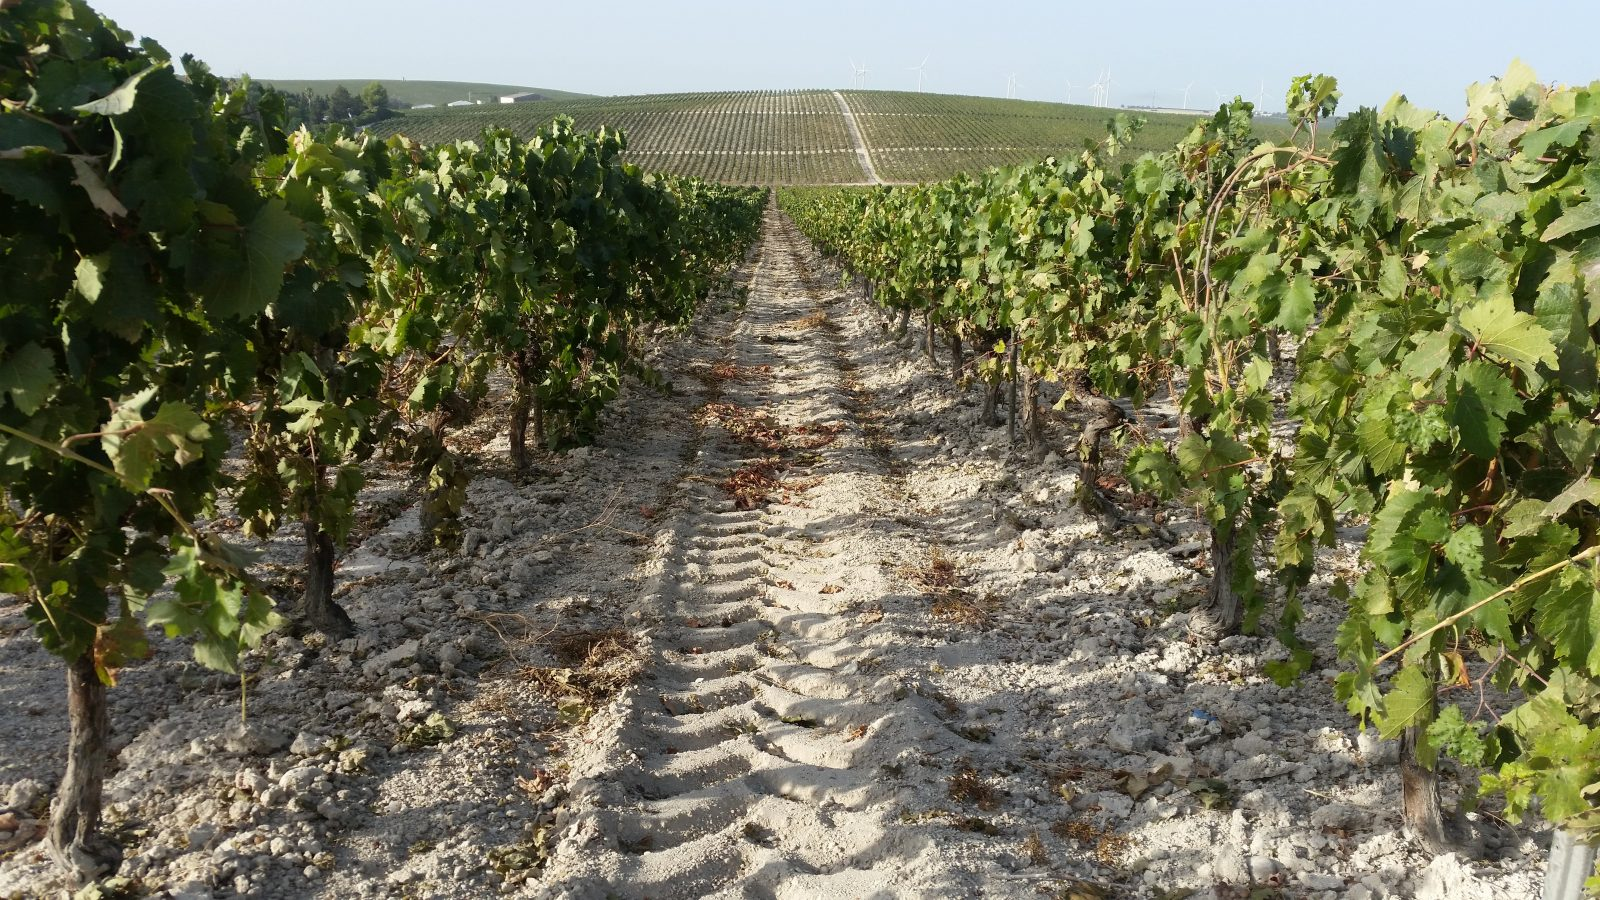 Valkoinen albariza-maaperä saa värinsä fossiileista